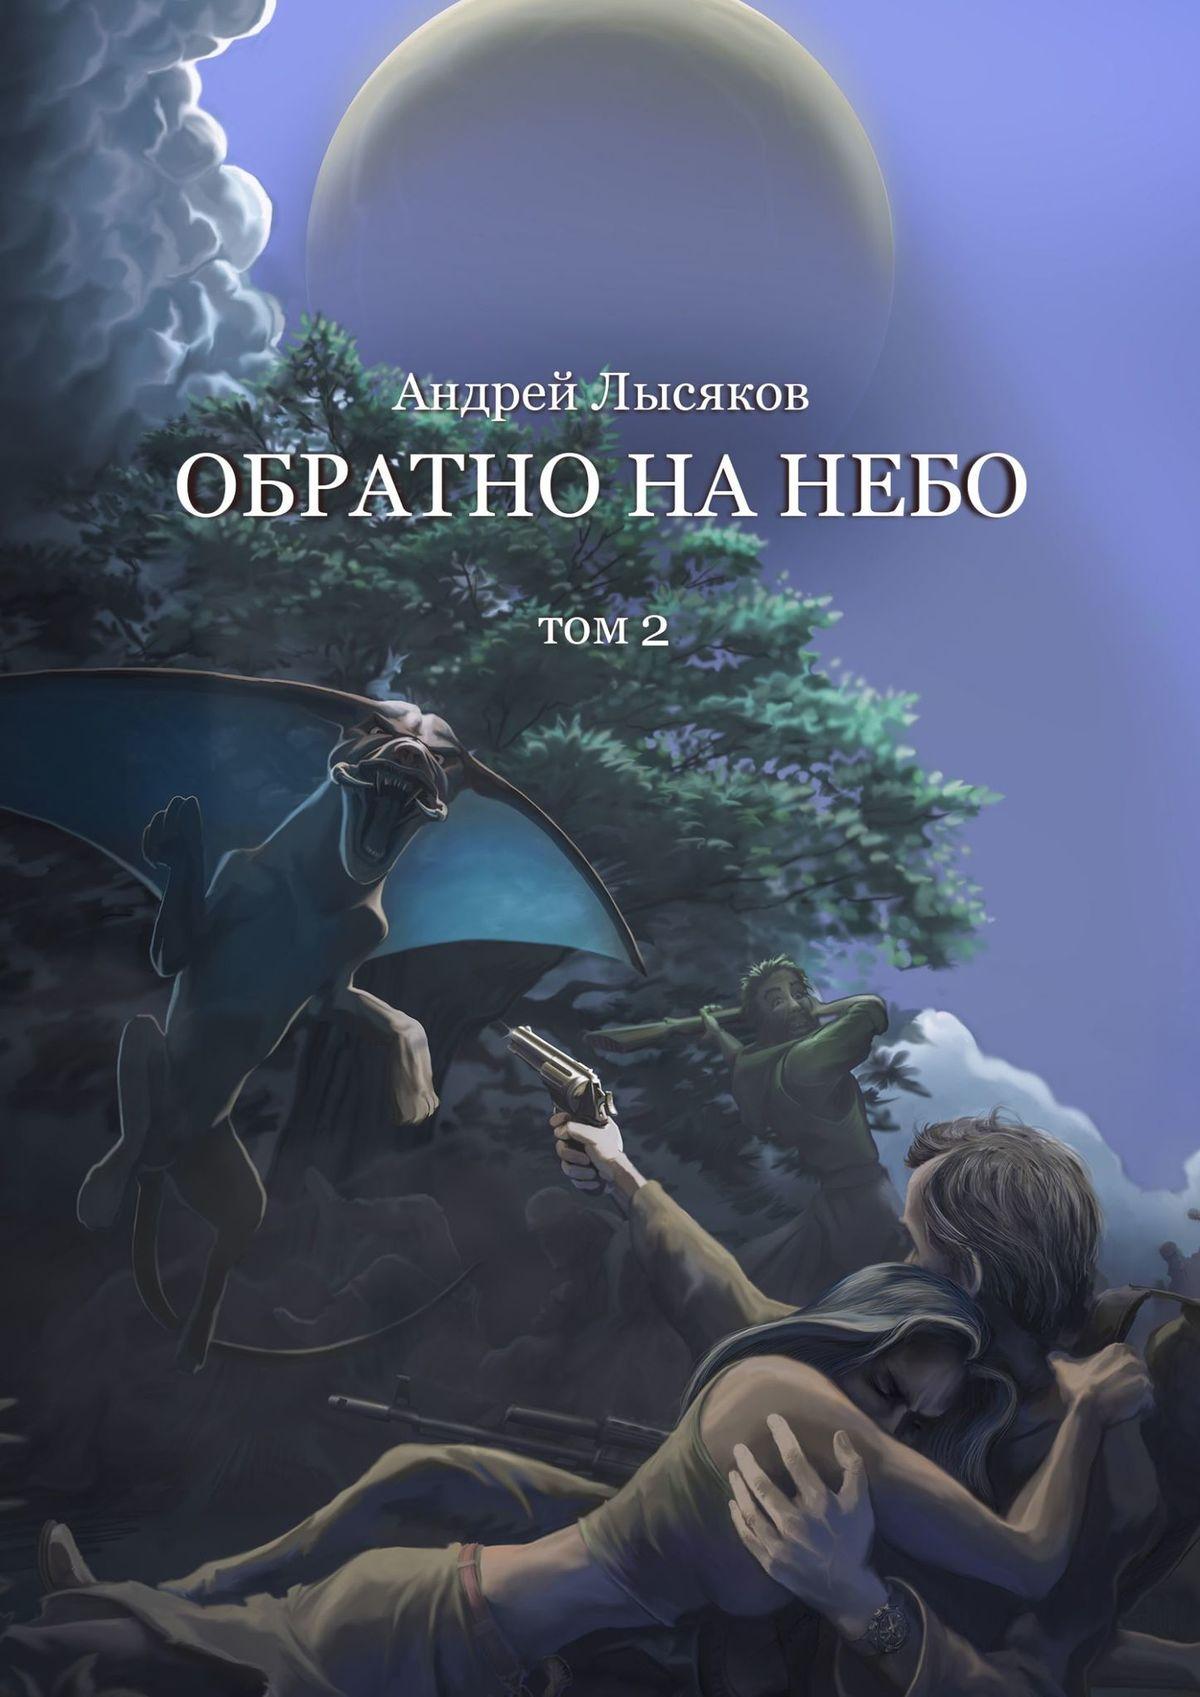 Андрей Лысяков Обратно на небо андрей шацков лествица в небо